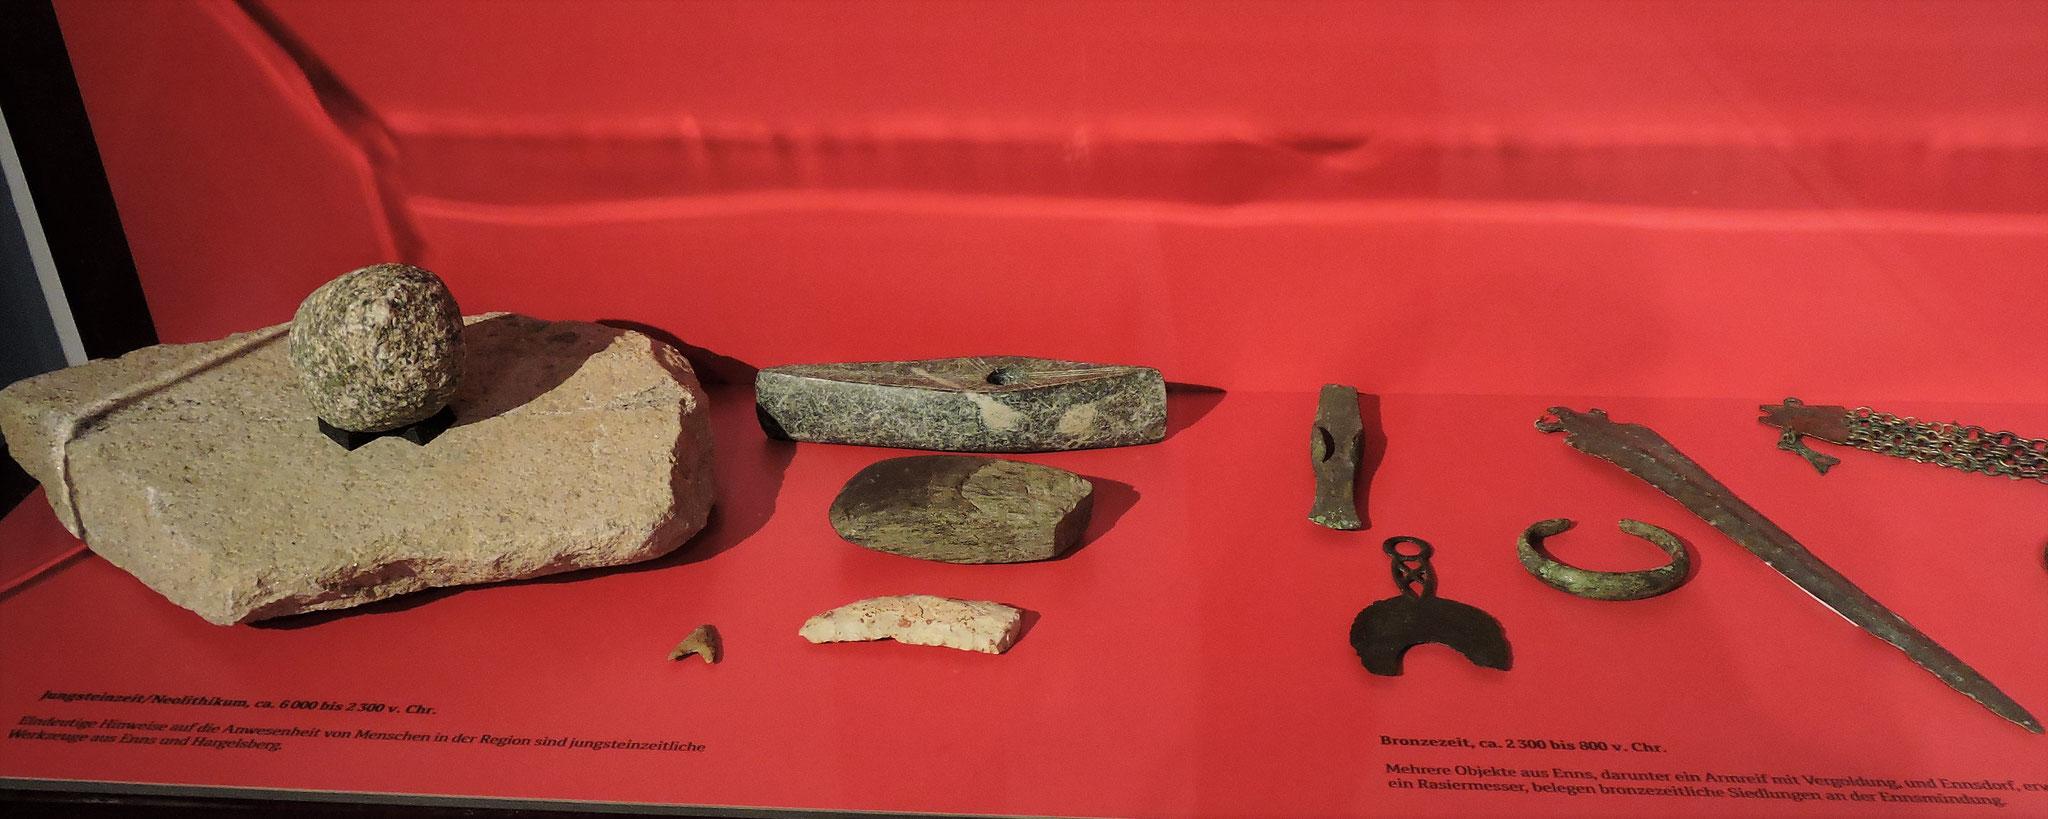 Artefakte aus der Jungsteinzeit und Bronzezeit ©B. Bichler